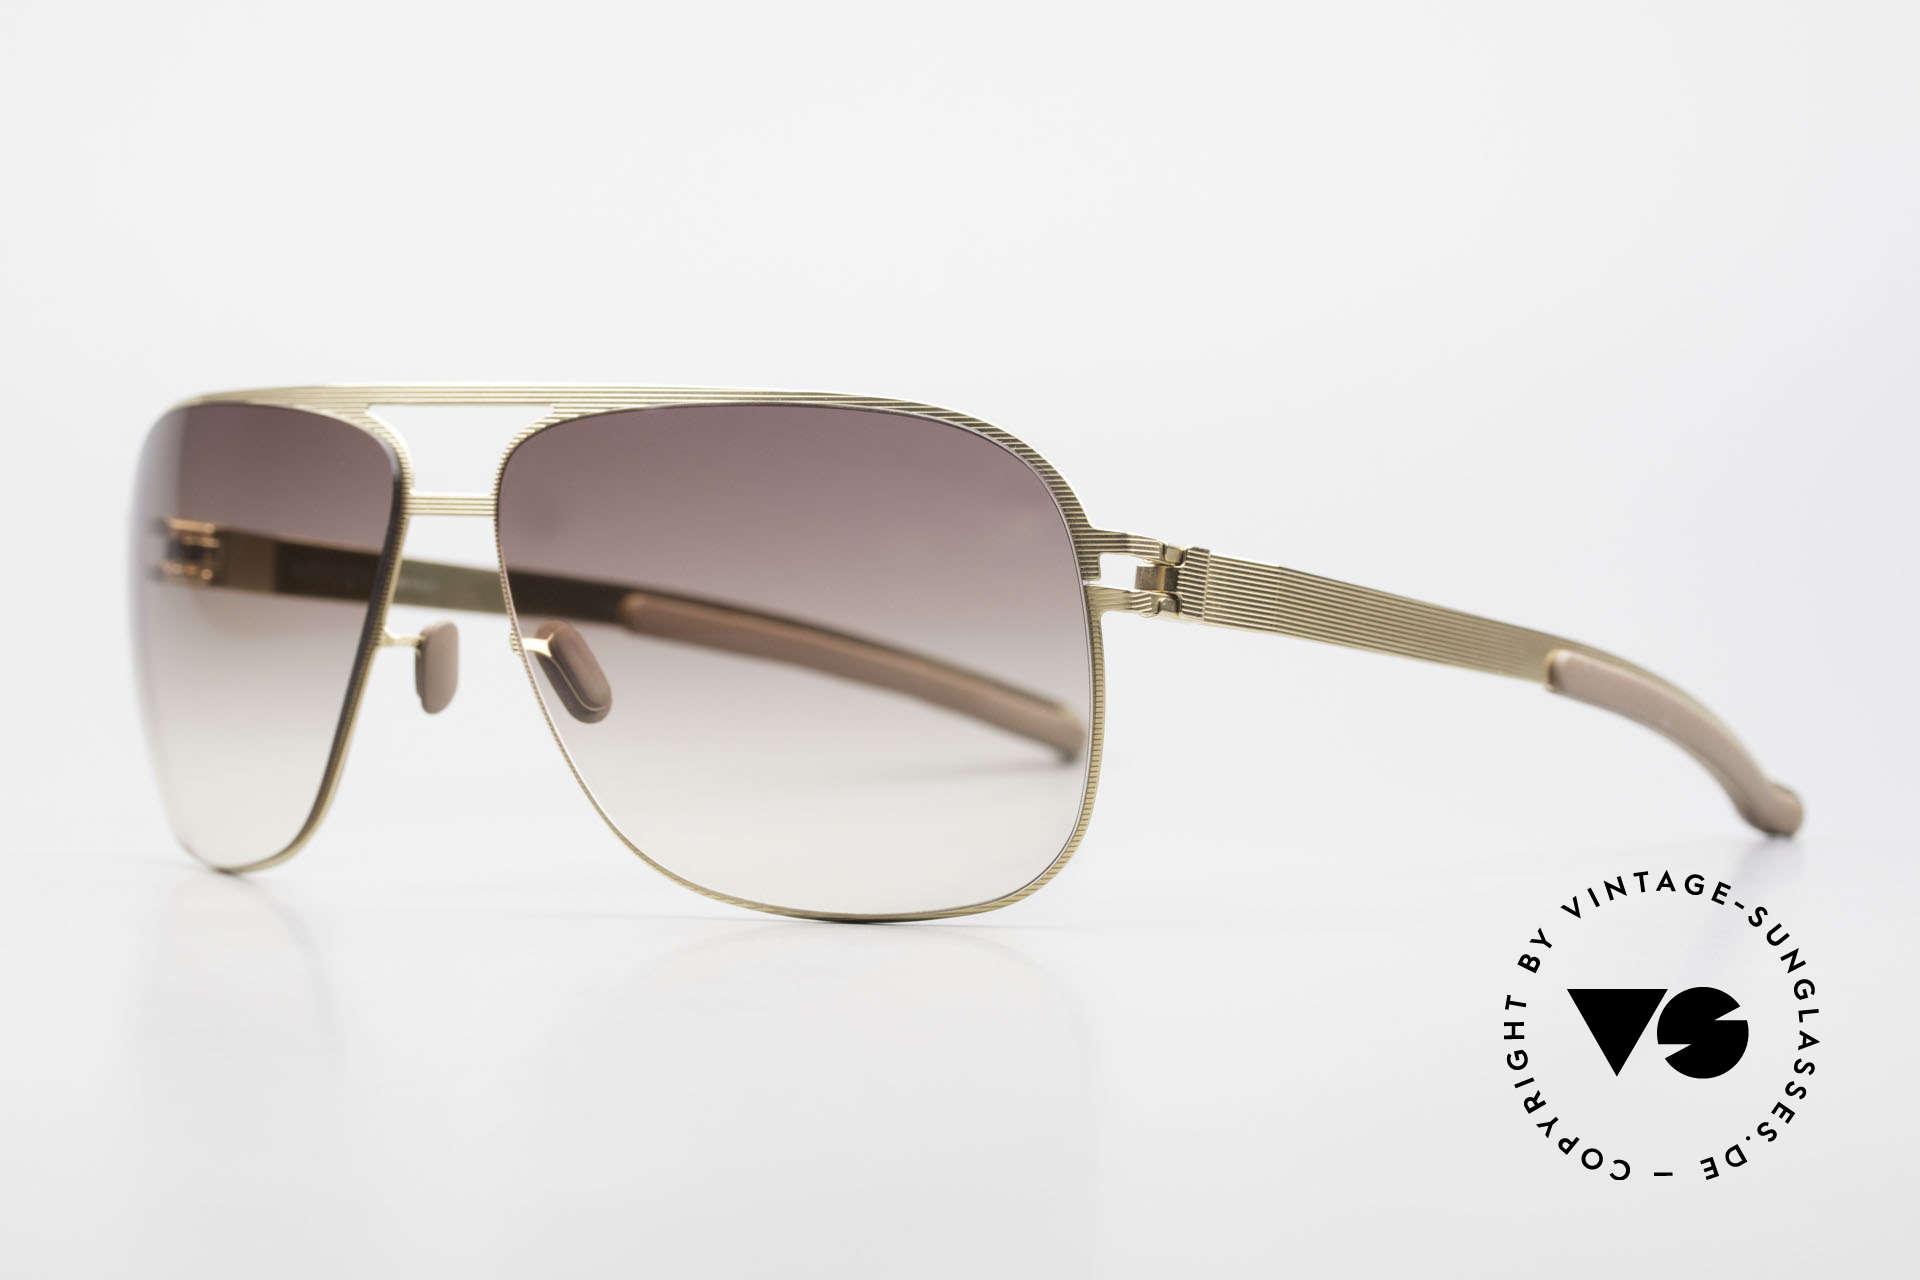 Mykita Luke Vintage Sonnenbrille von 2008, Mod. No.1 Sun Luke Goldline, brown-gradient, Gr. 63/13, Passend für Herren